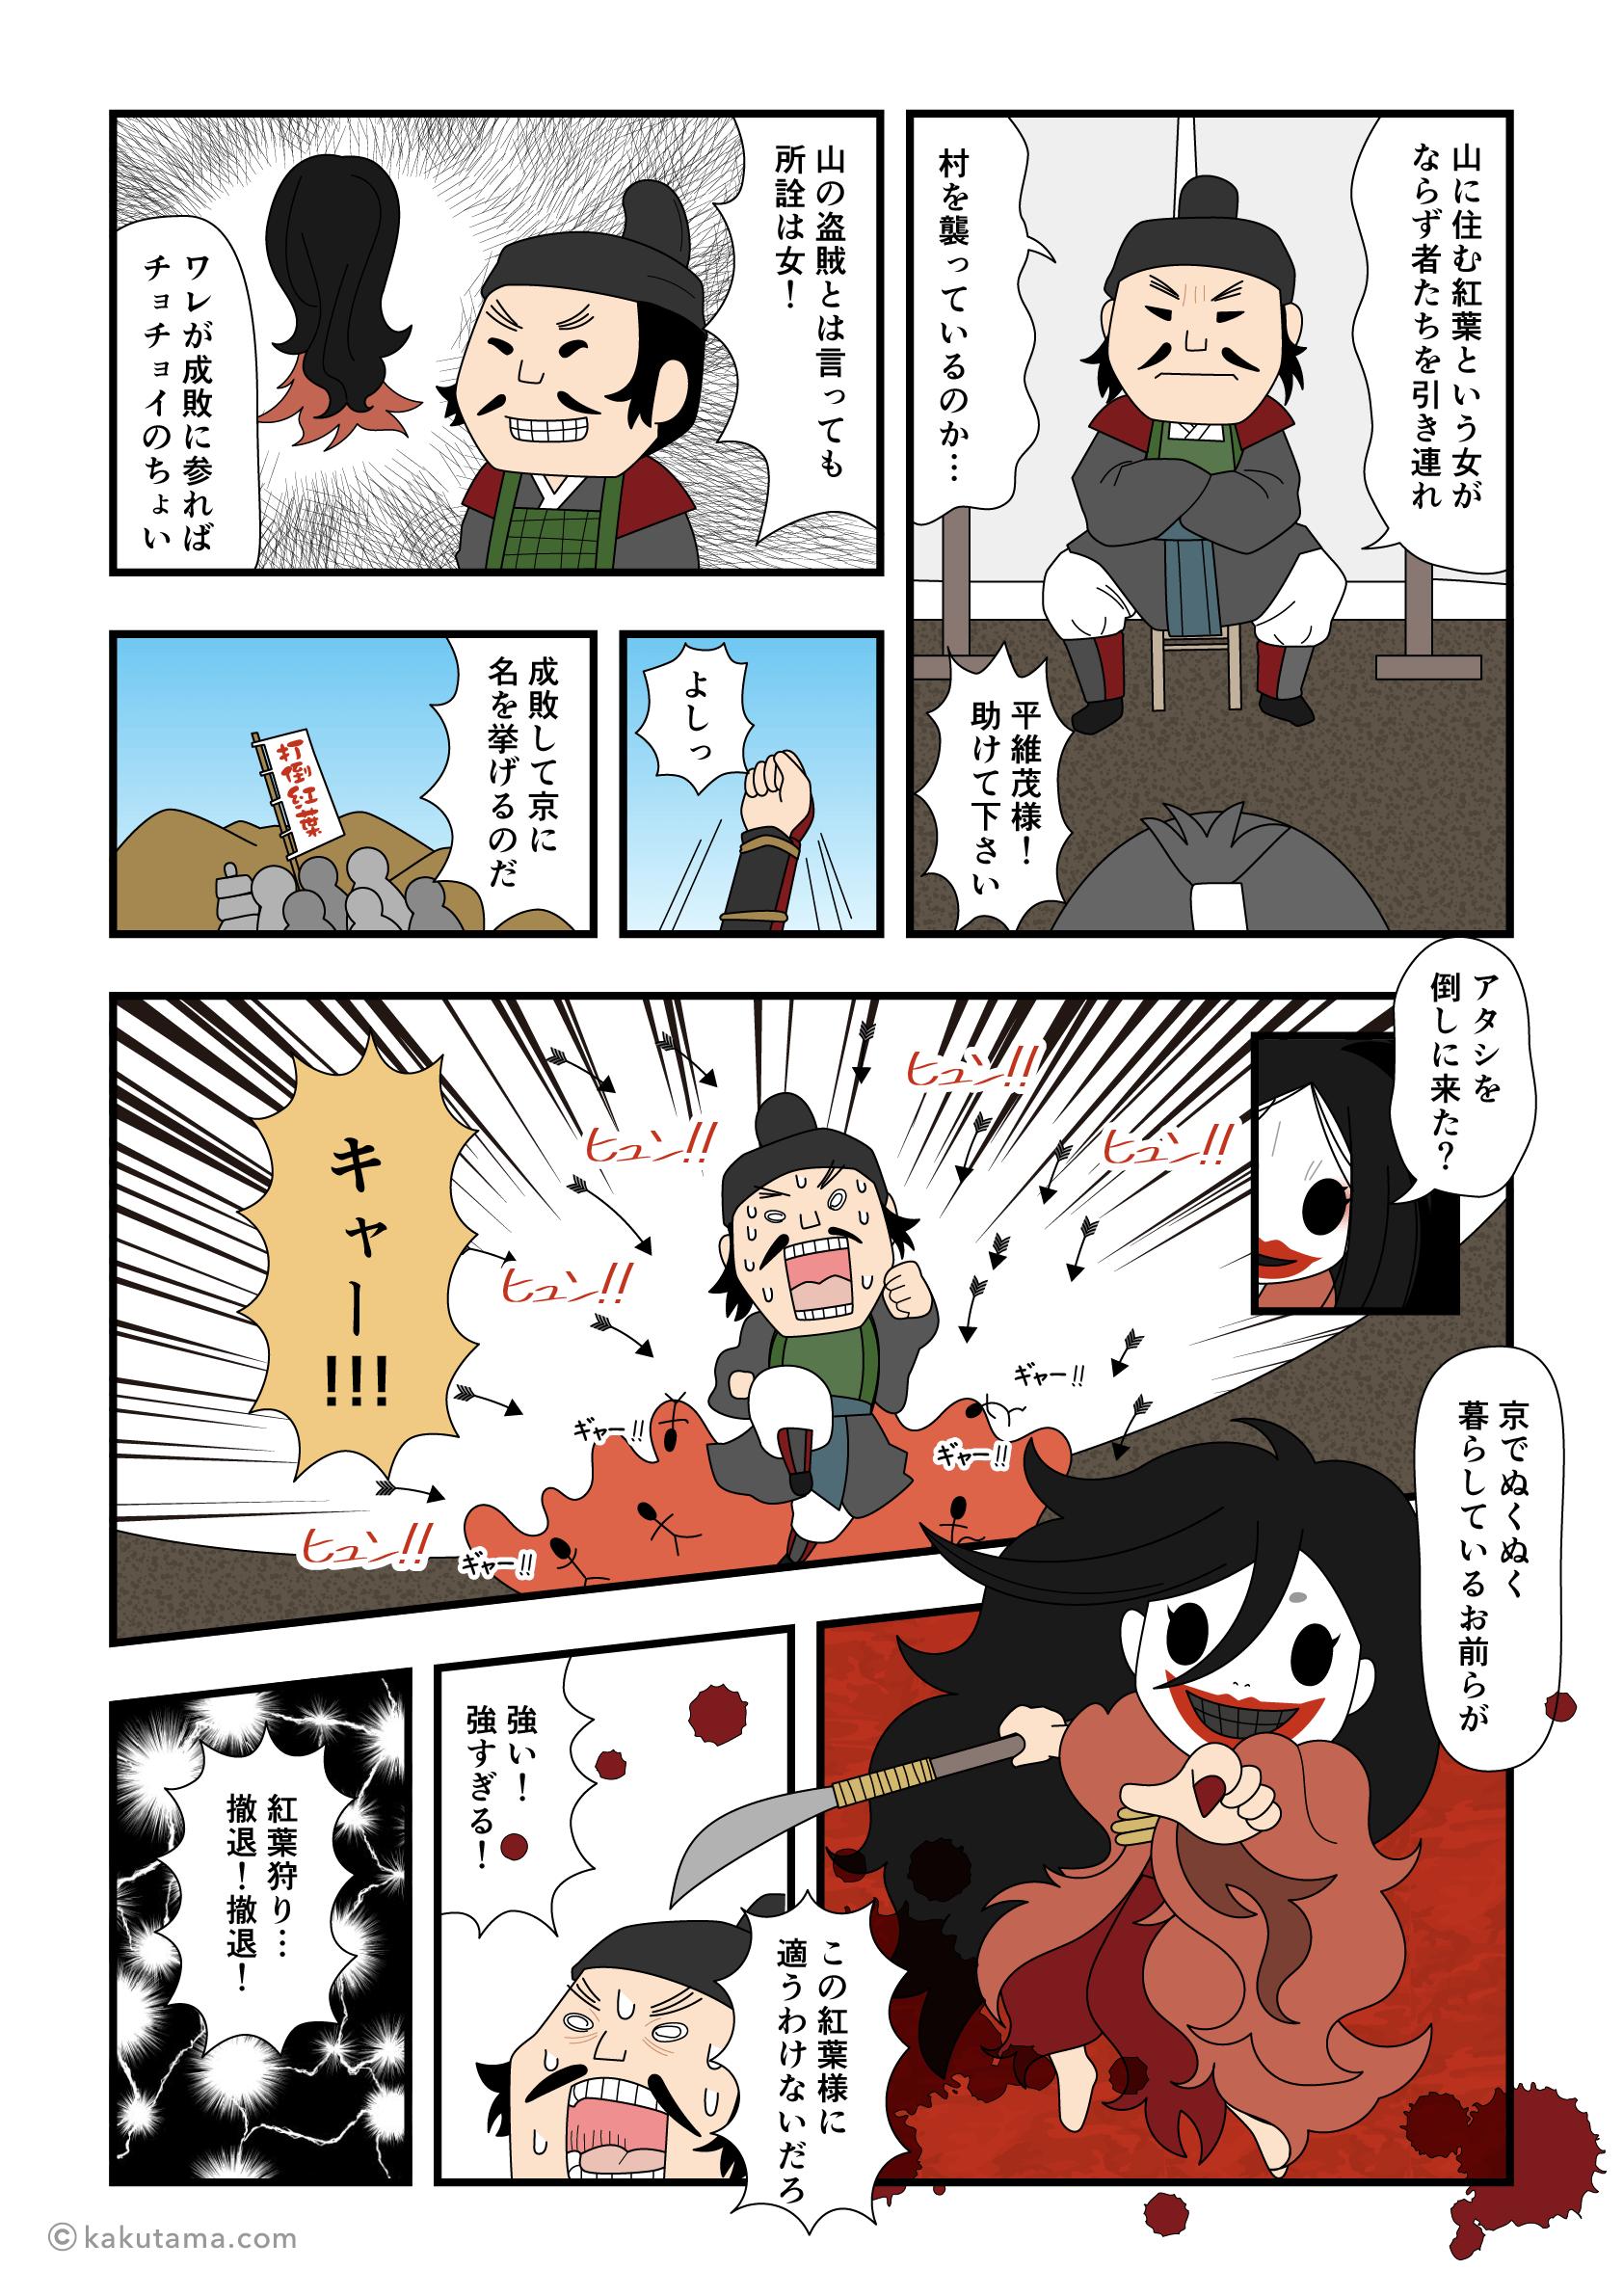 紅葉狩りへ向かったが逃げ帰る平維茂の漫画